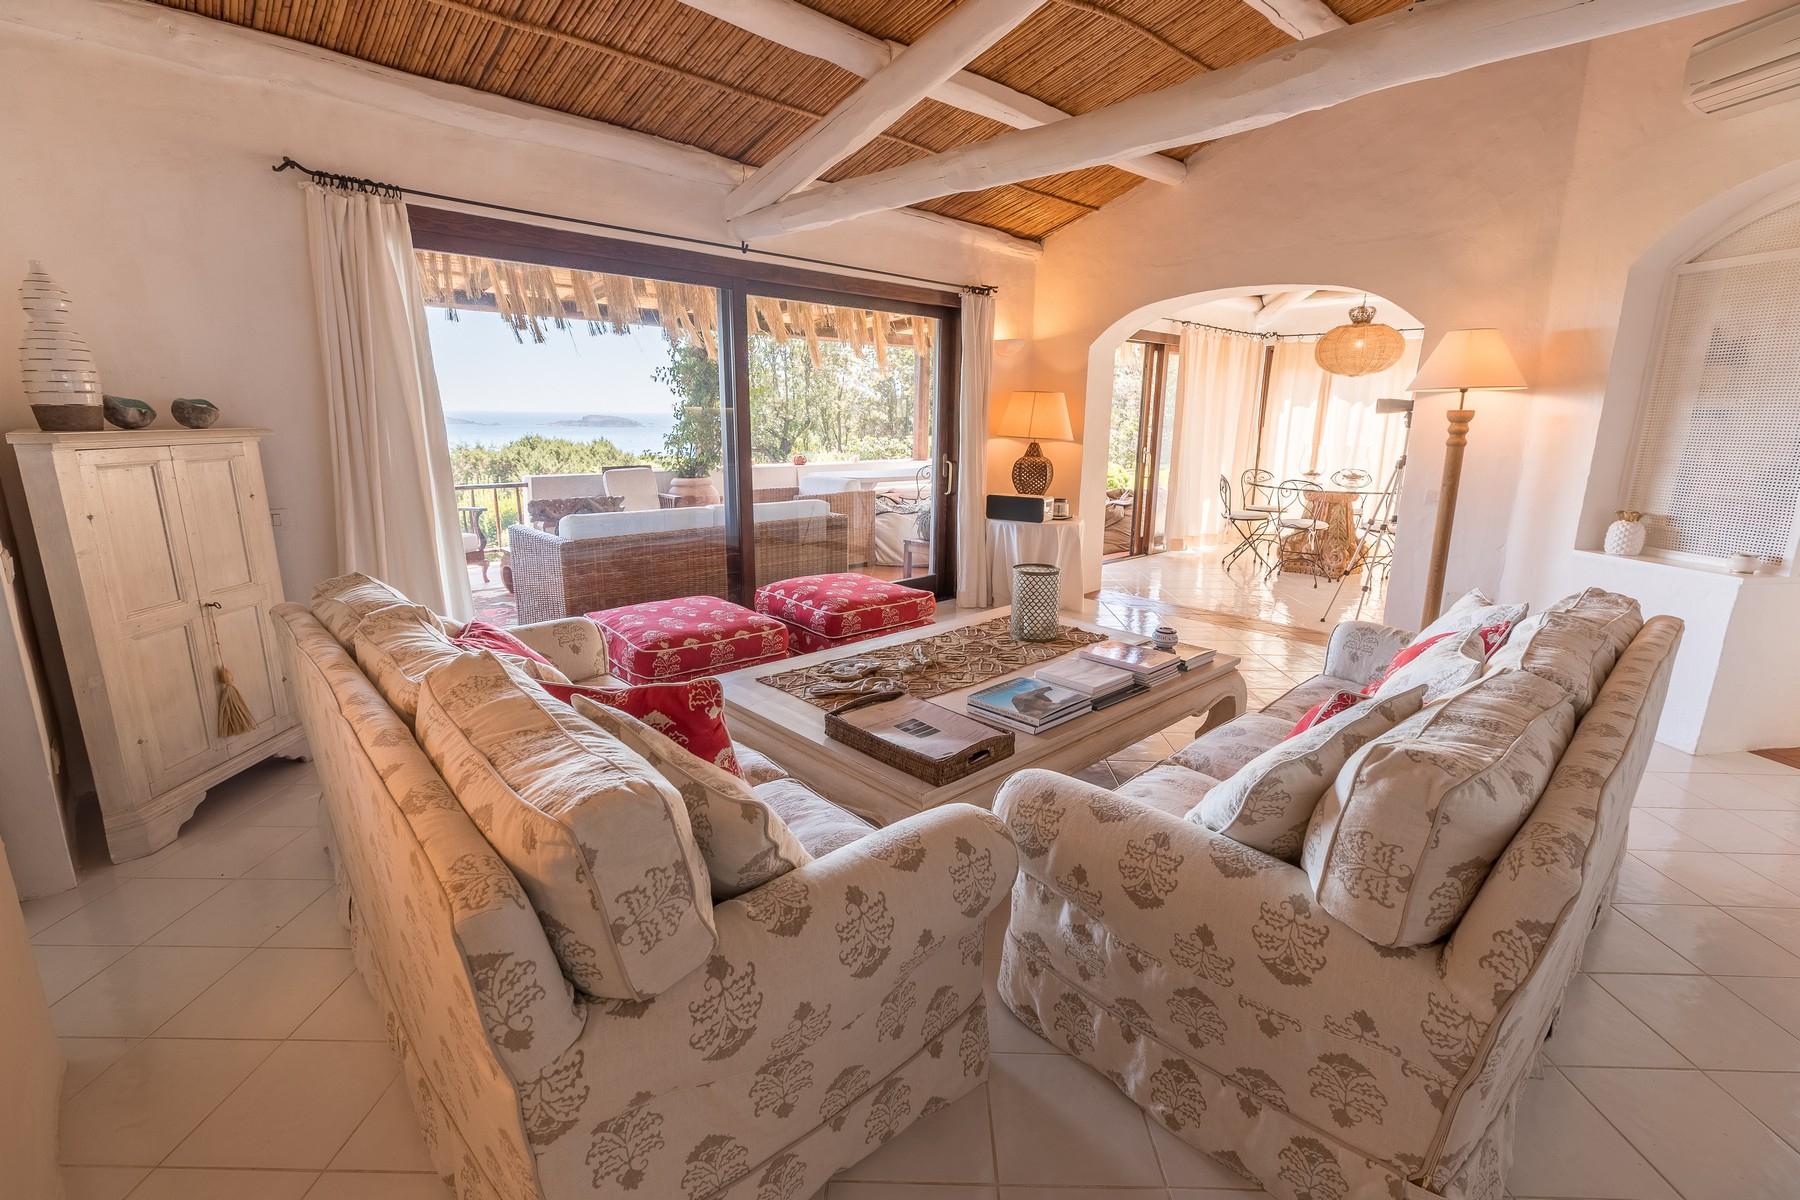 Villa in Vendita a Arzachena: 5 locali, 220 mq - Foto 9